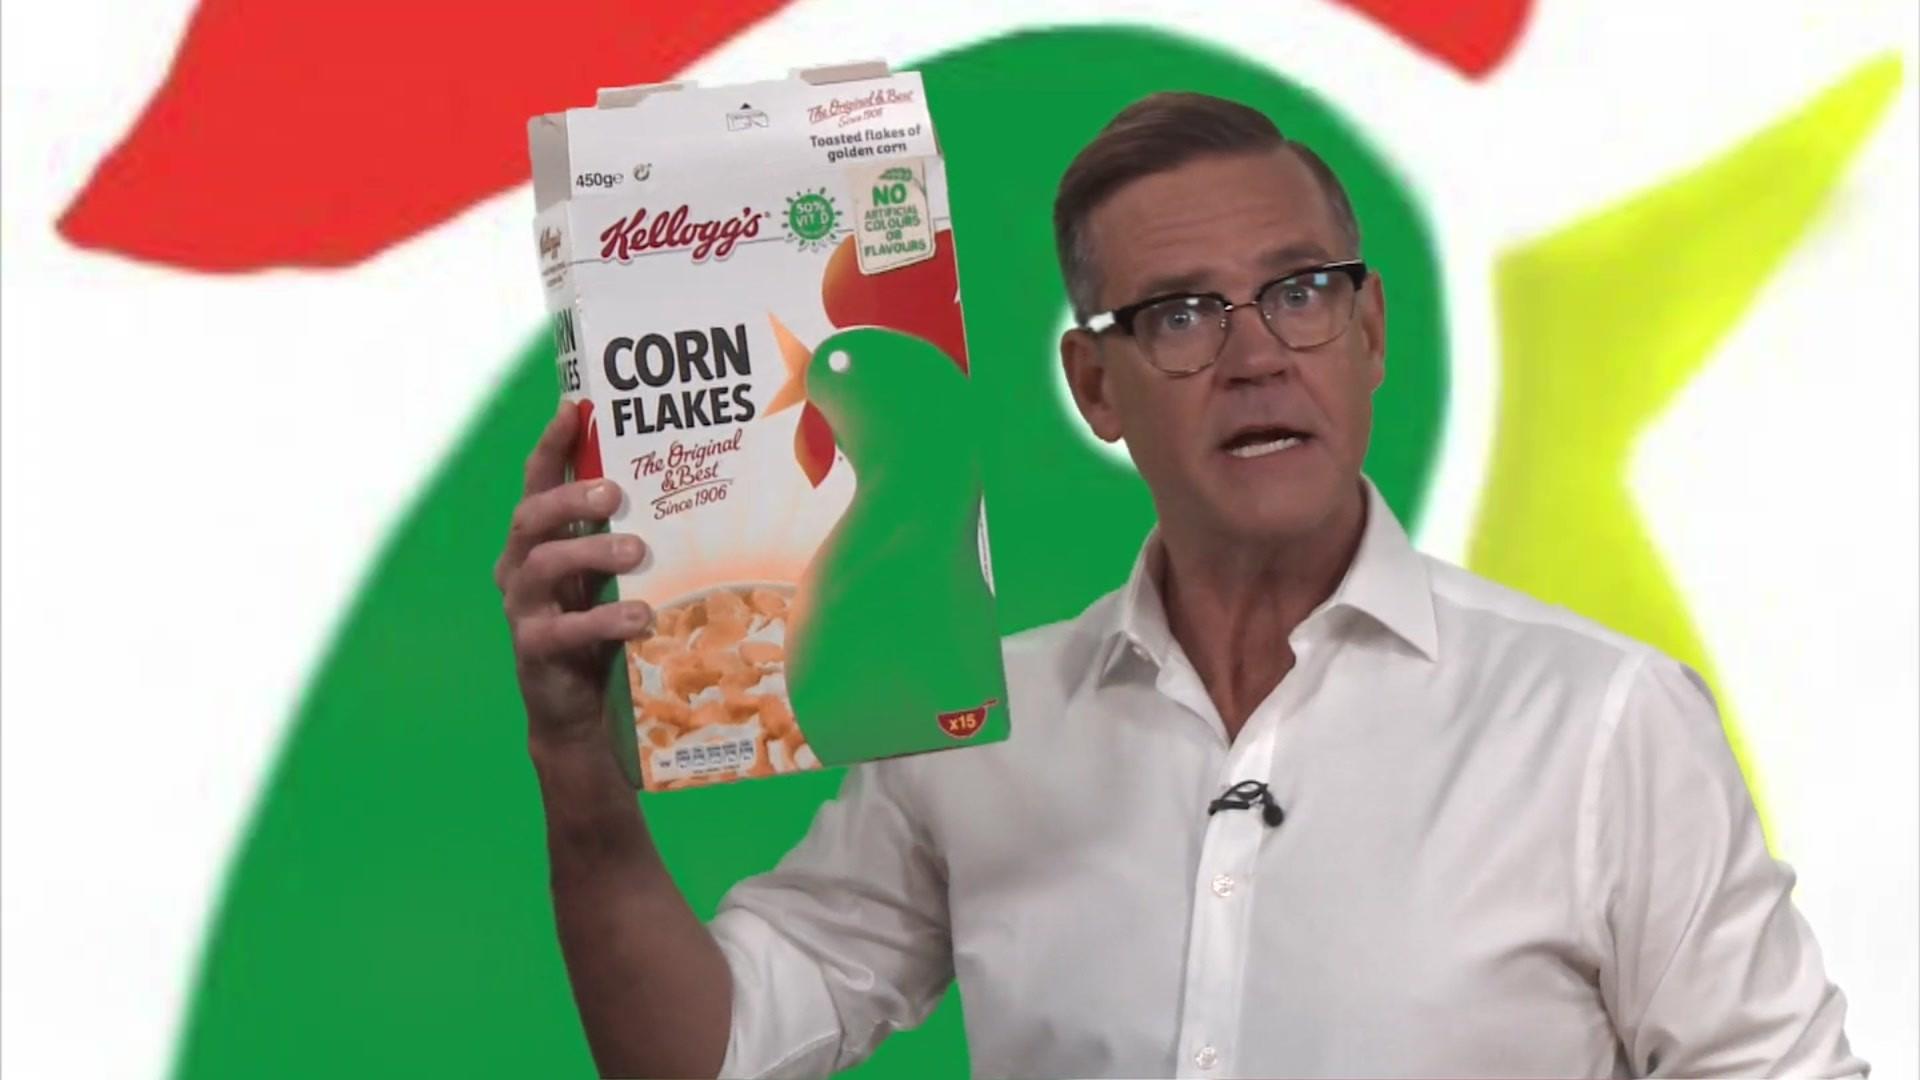 How Corn Flakes became a million dollar idea